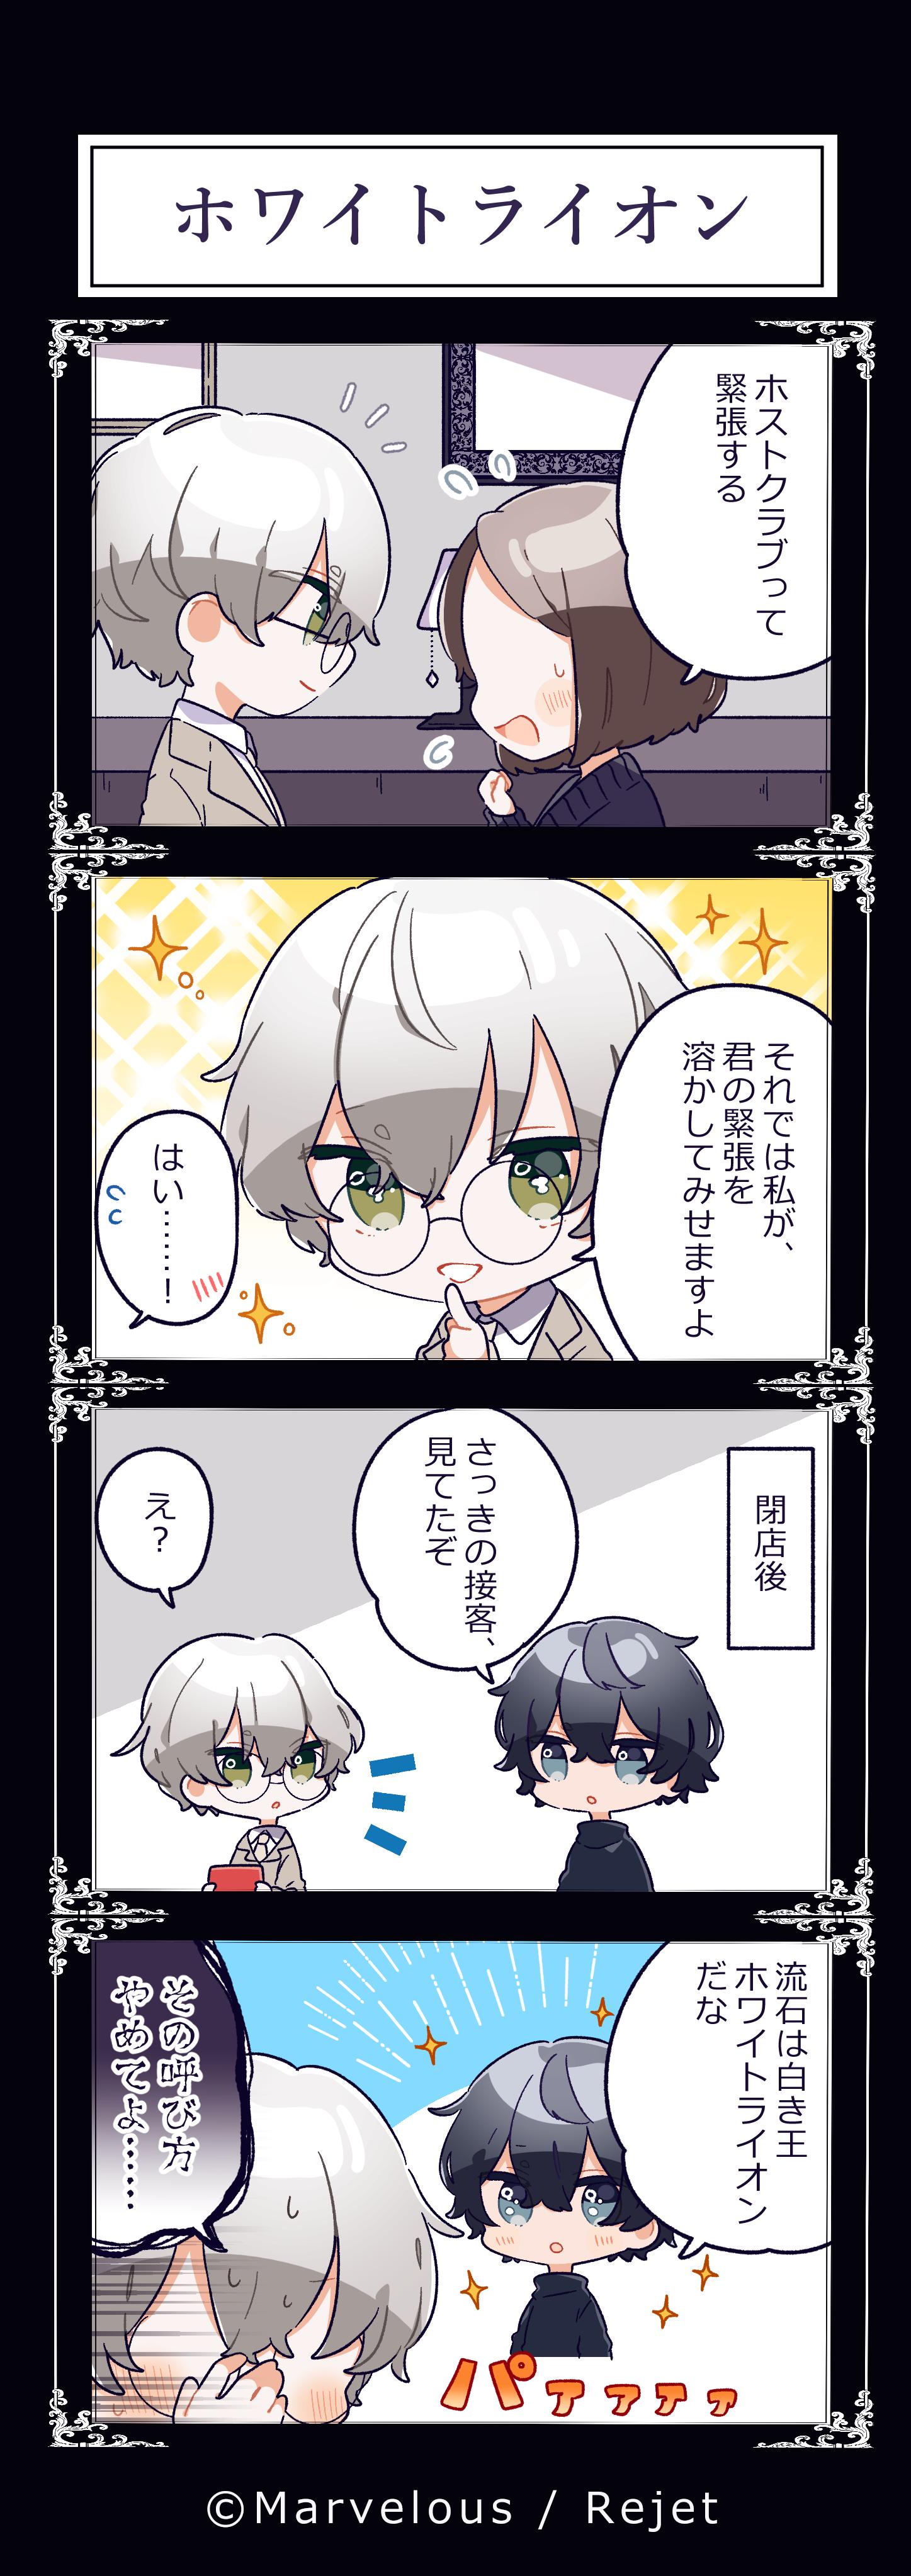 【4月投稿分】mawoko_FN4コマ2 (3)1.png